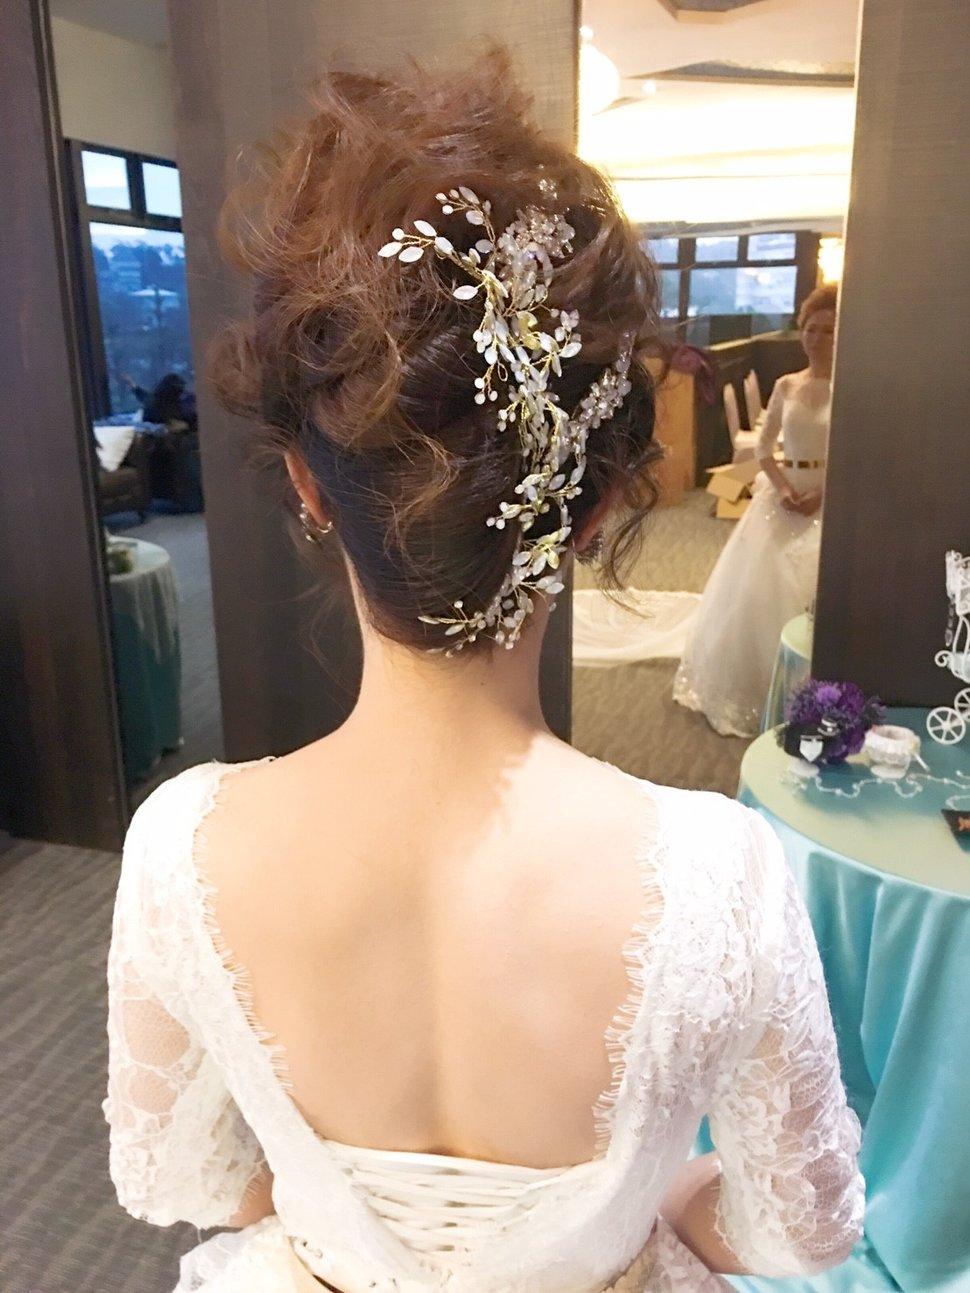 姵妏_170207_0013 - 新娘秘書Victor邦/makeup《結婚吧》